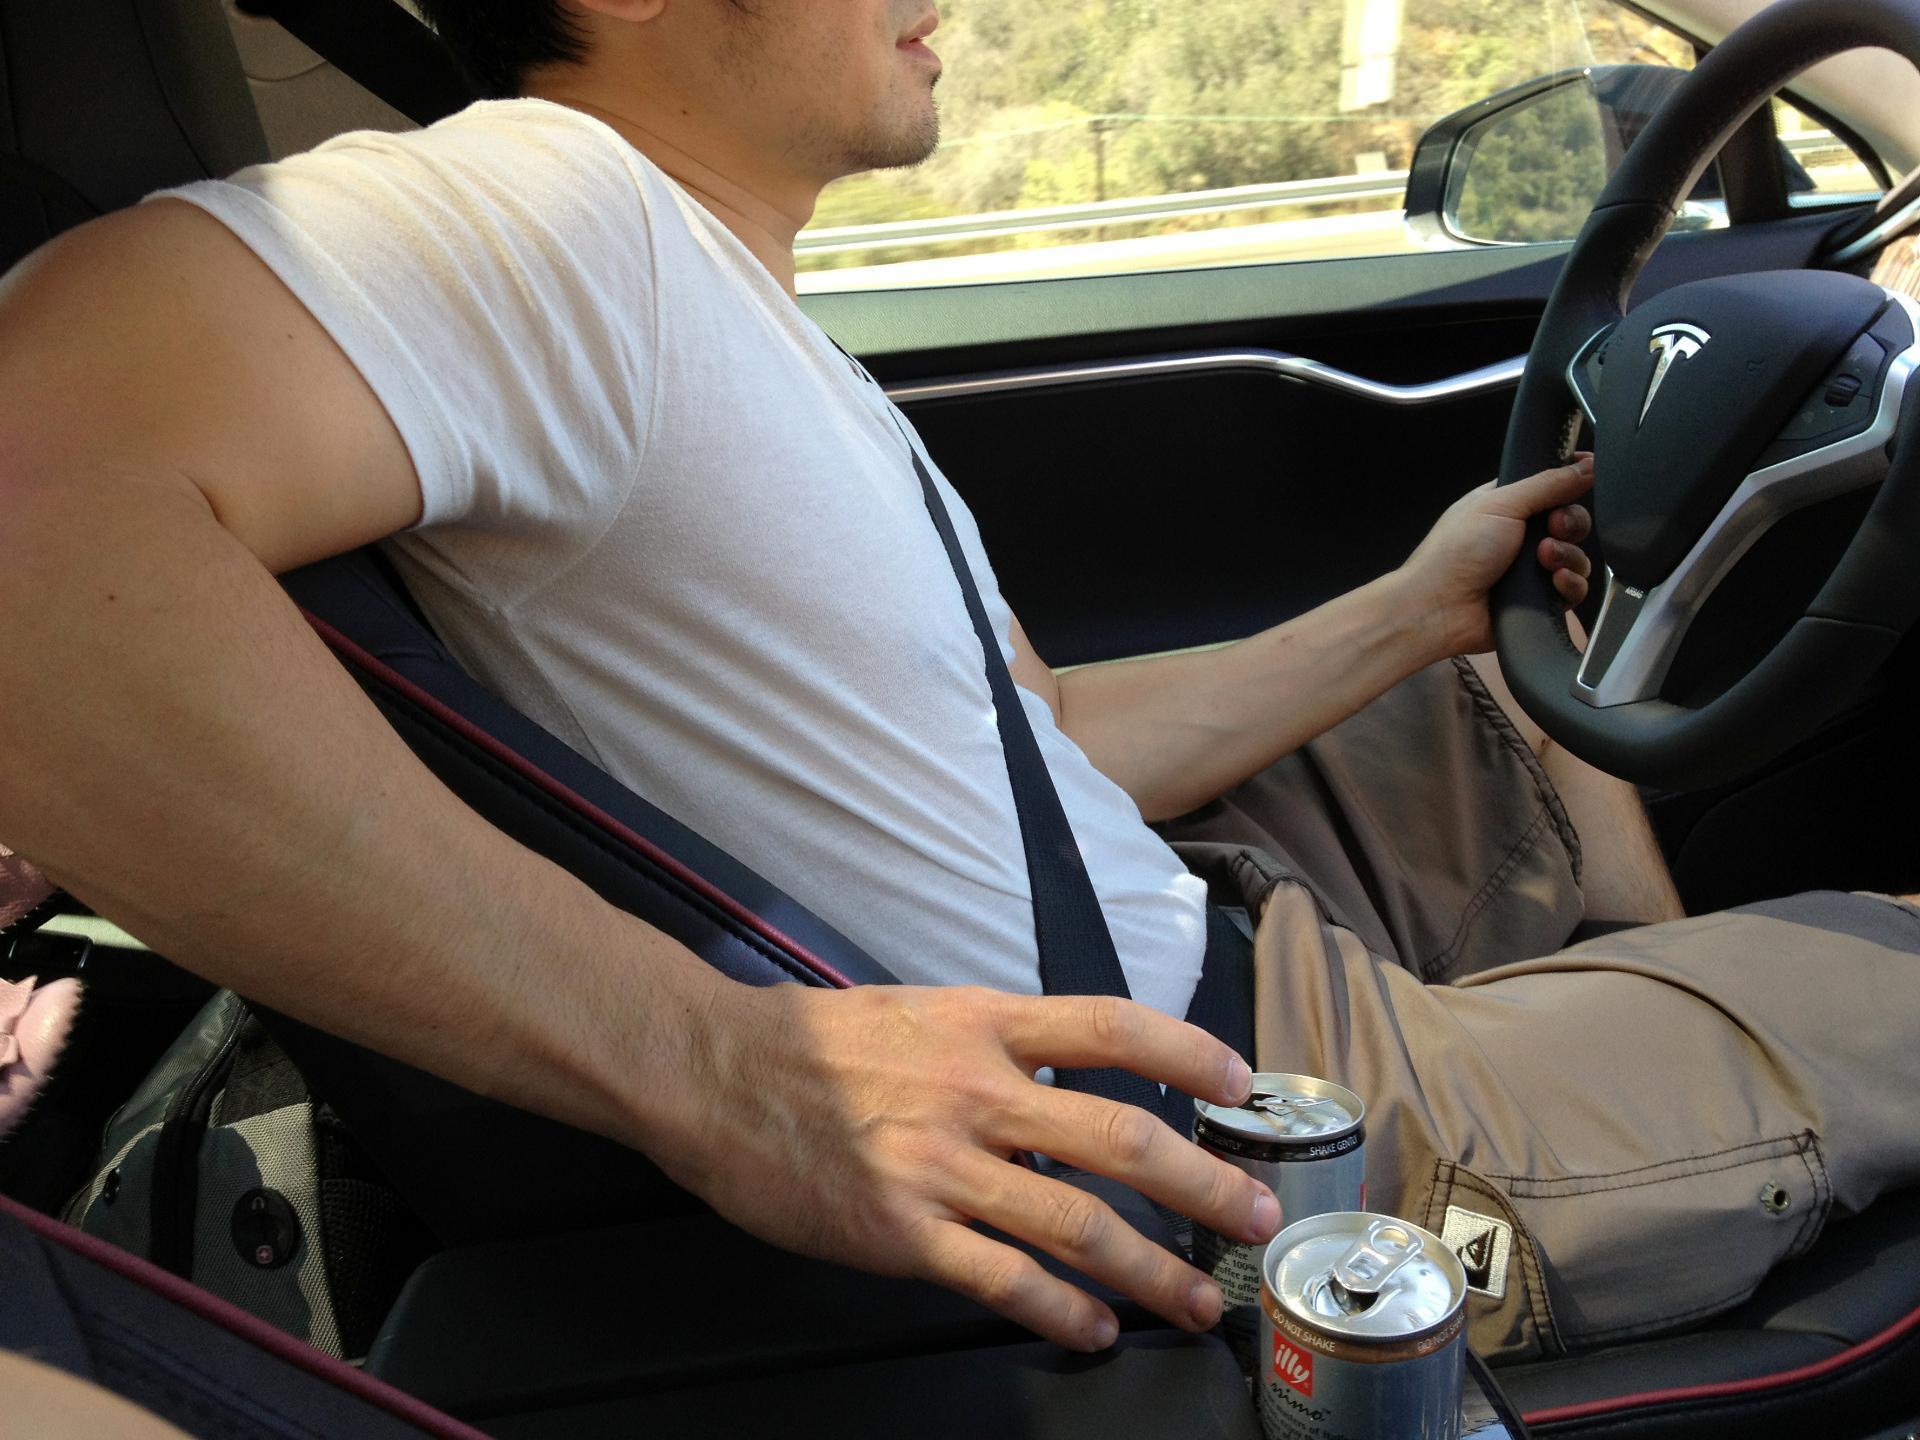 Tesla-Model-S-Armrest-Blind-Chicken-Wing